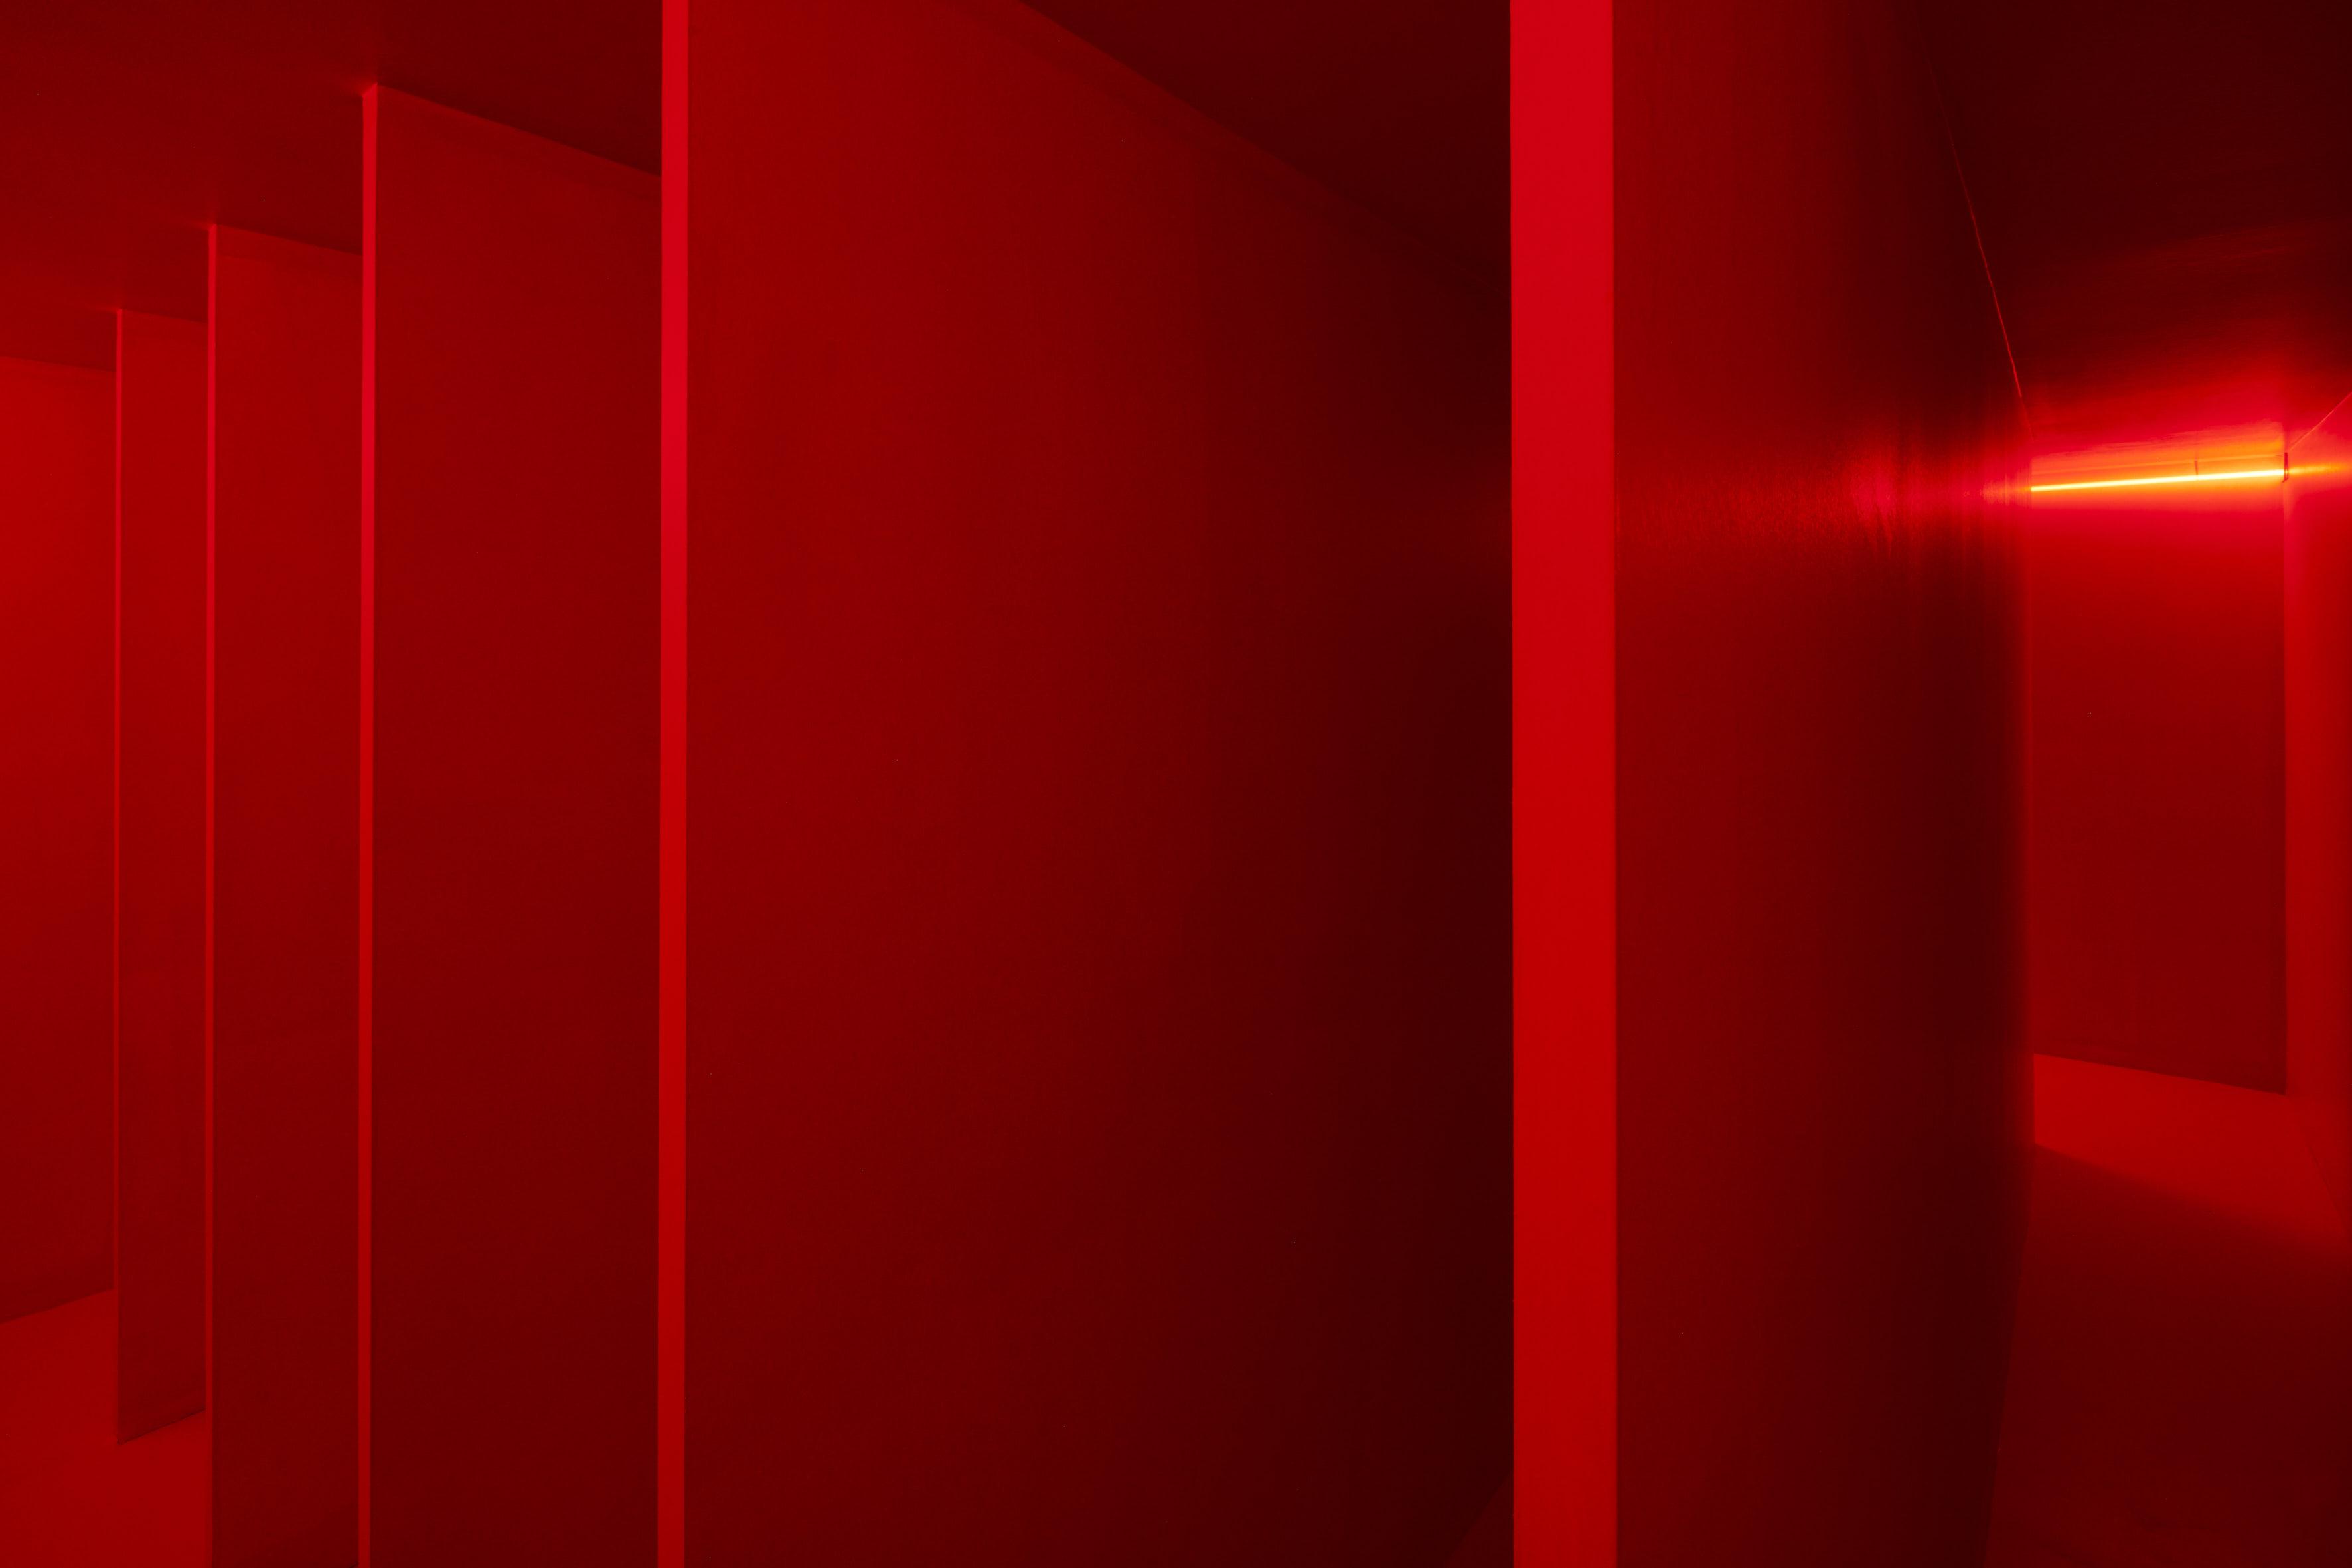 Lucio Fontana, Ambiente spaziale a luce rossa, 1967/2017, veduta dell'installazione in Pirelli HangarBicocca, Milano, 2017. Courtesy Pirelli HangarBicocca, Milano. ©Fondazione Lucio Fontana Foto: Agostino Osio